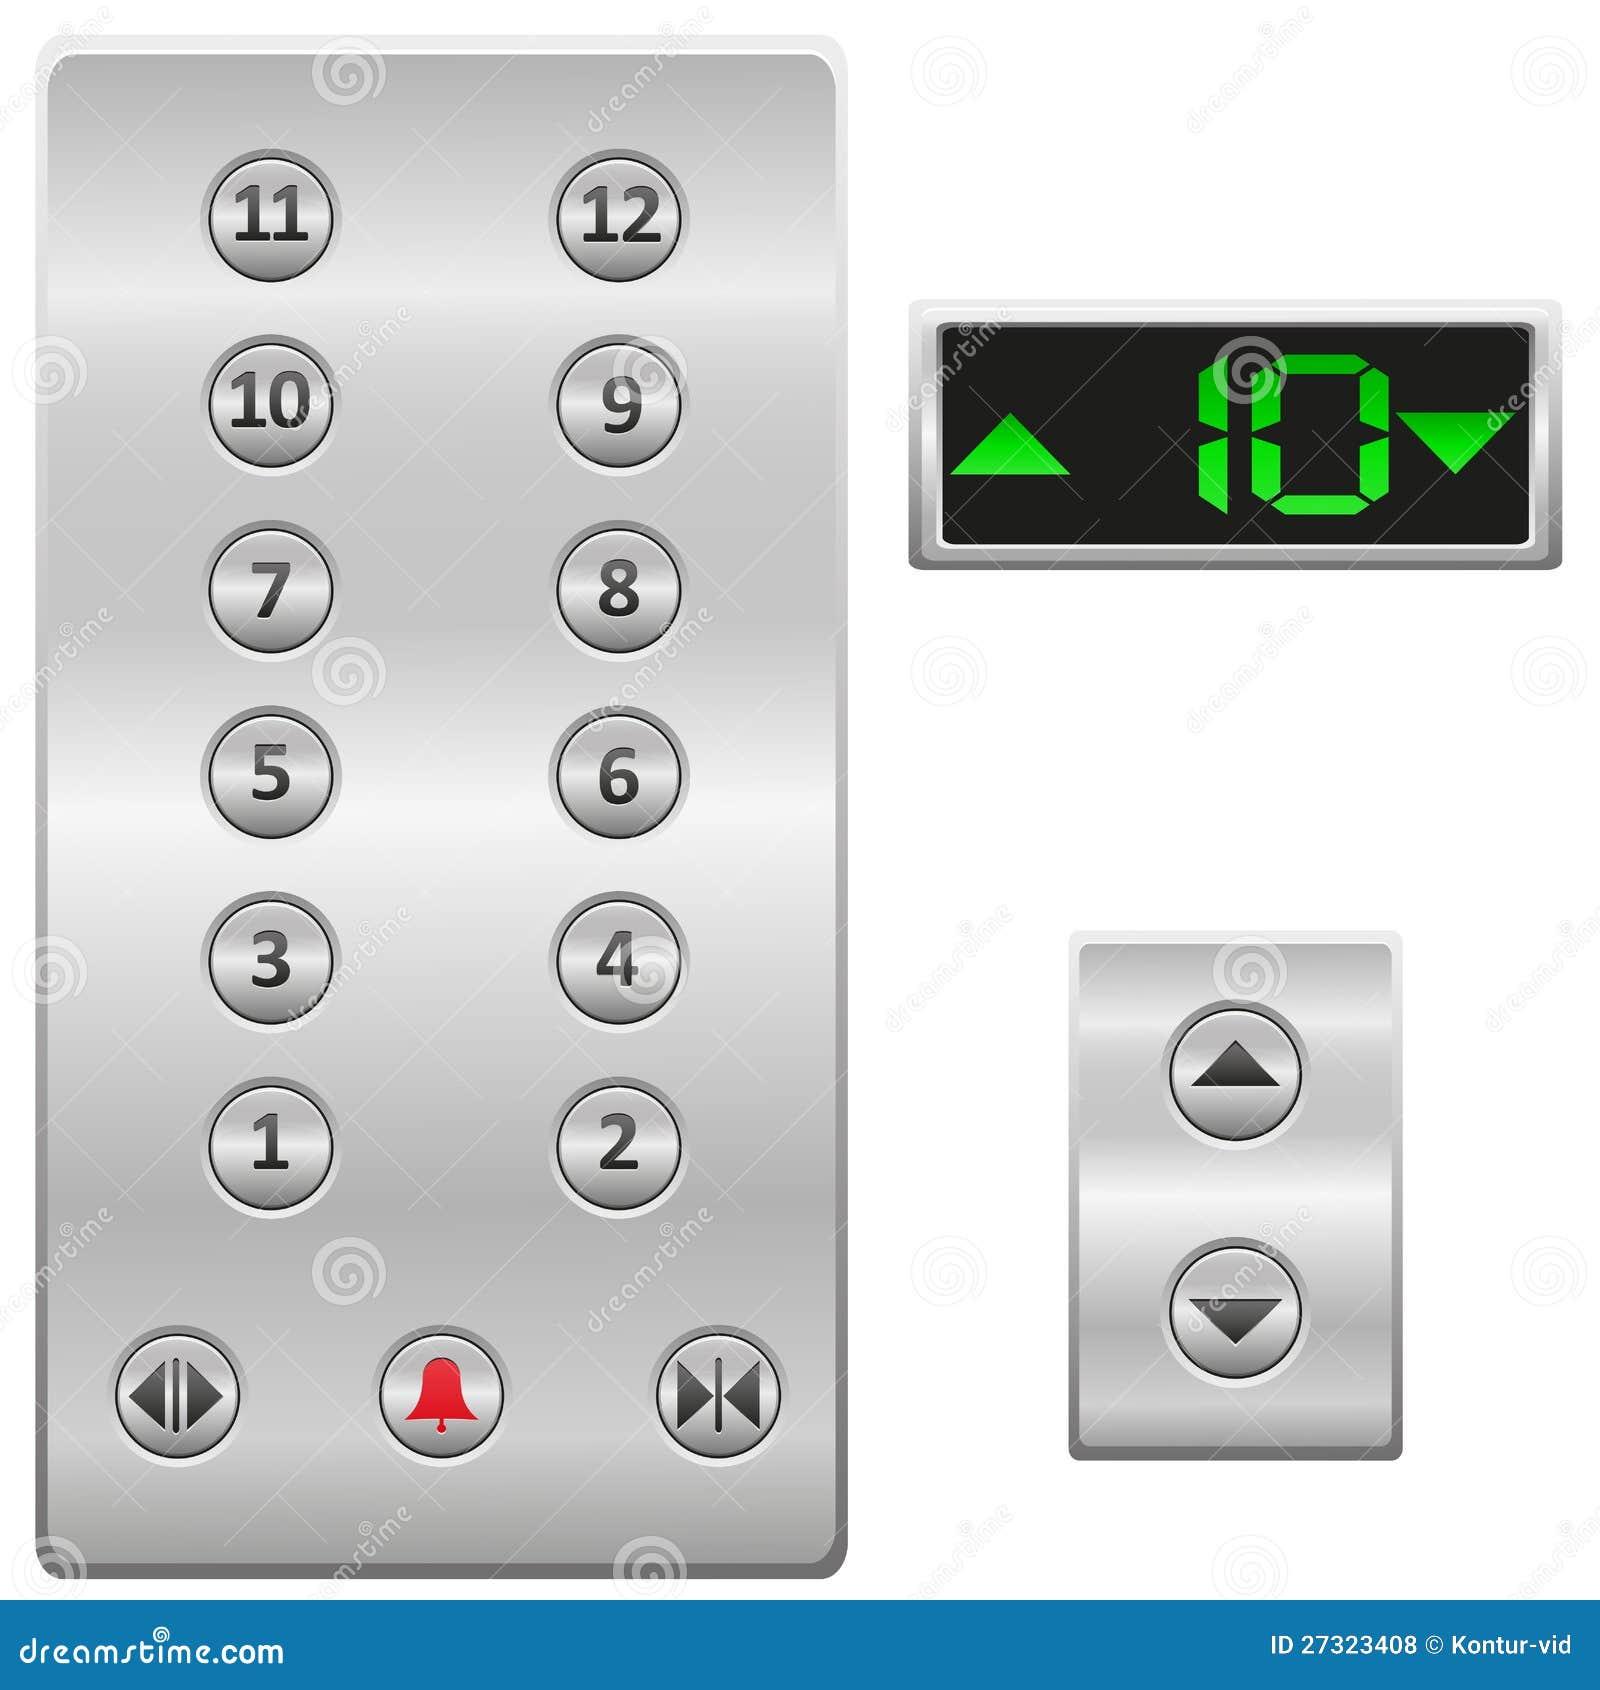 Ο ανελκυστήρας κουμπώνει τη διανυσματική απεικόνιση επιτροπής